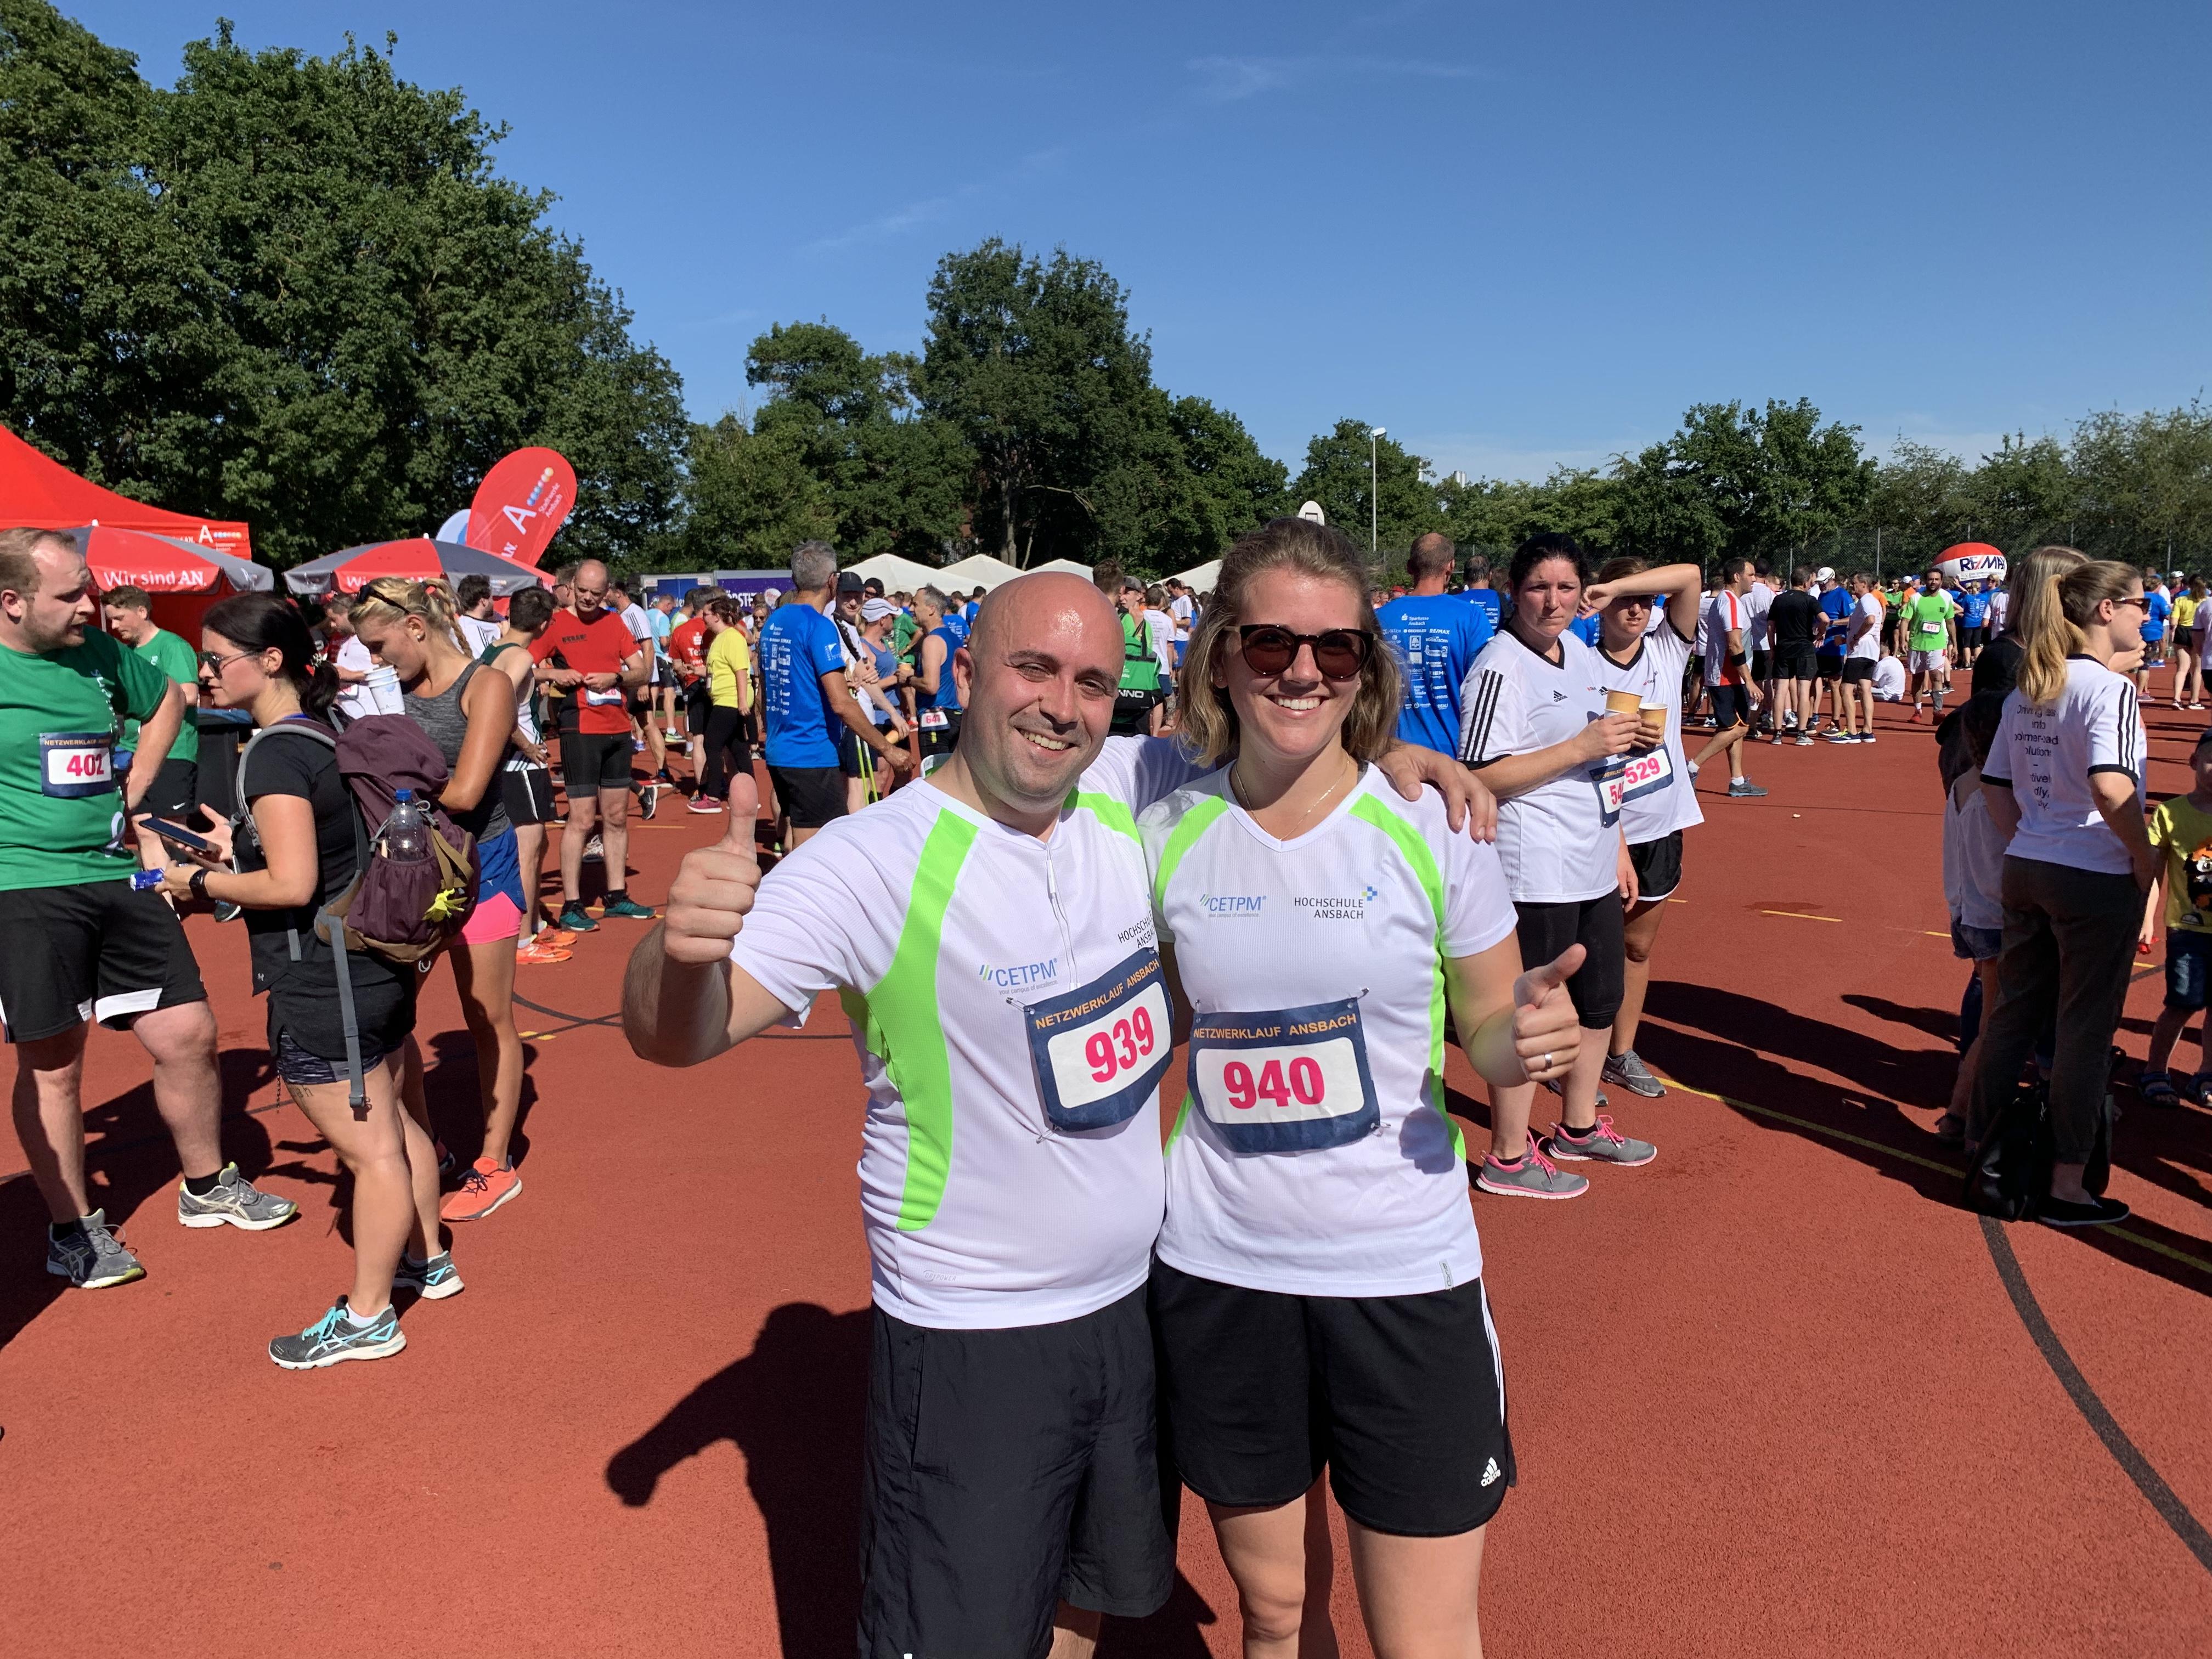 Alexandra und Florian vom CETPM beim Ansbacher Netzwerklauf 2019